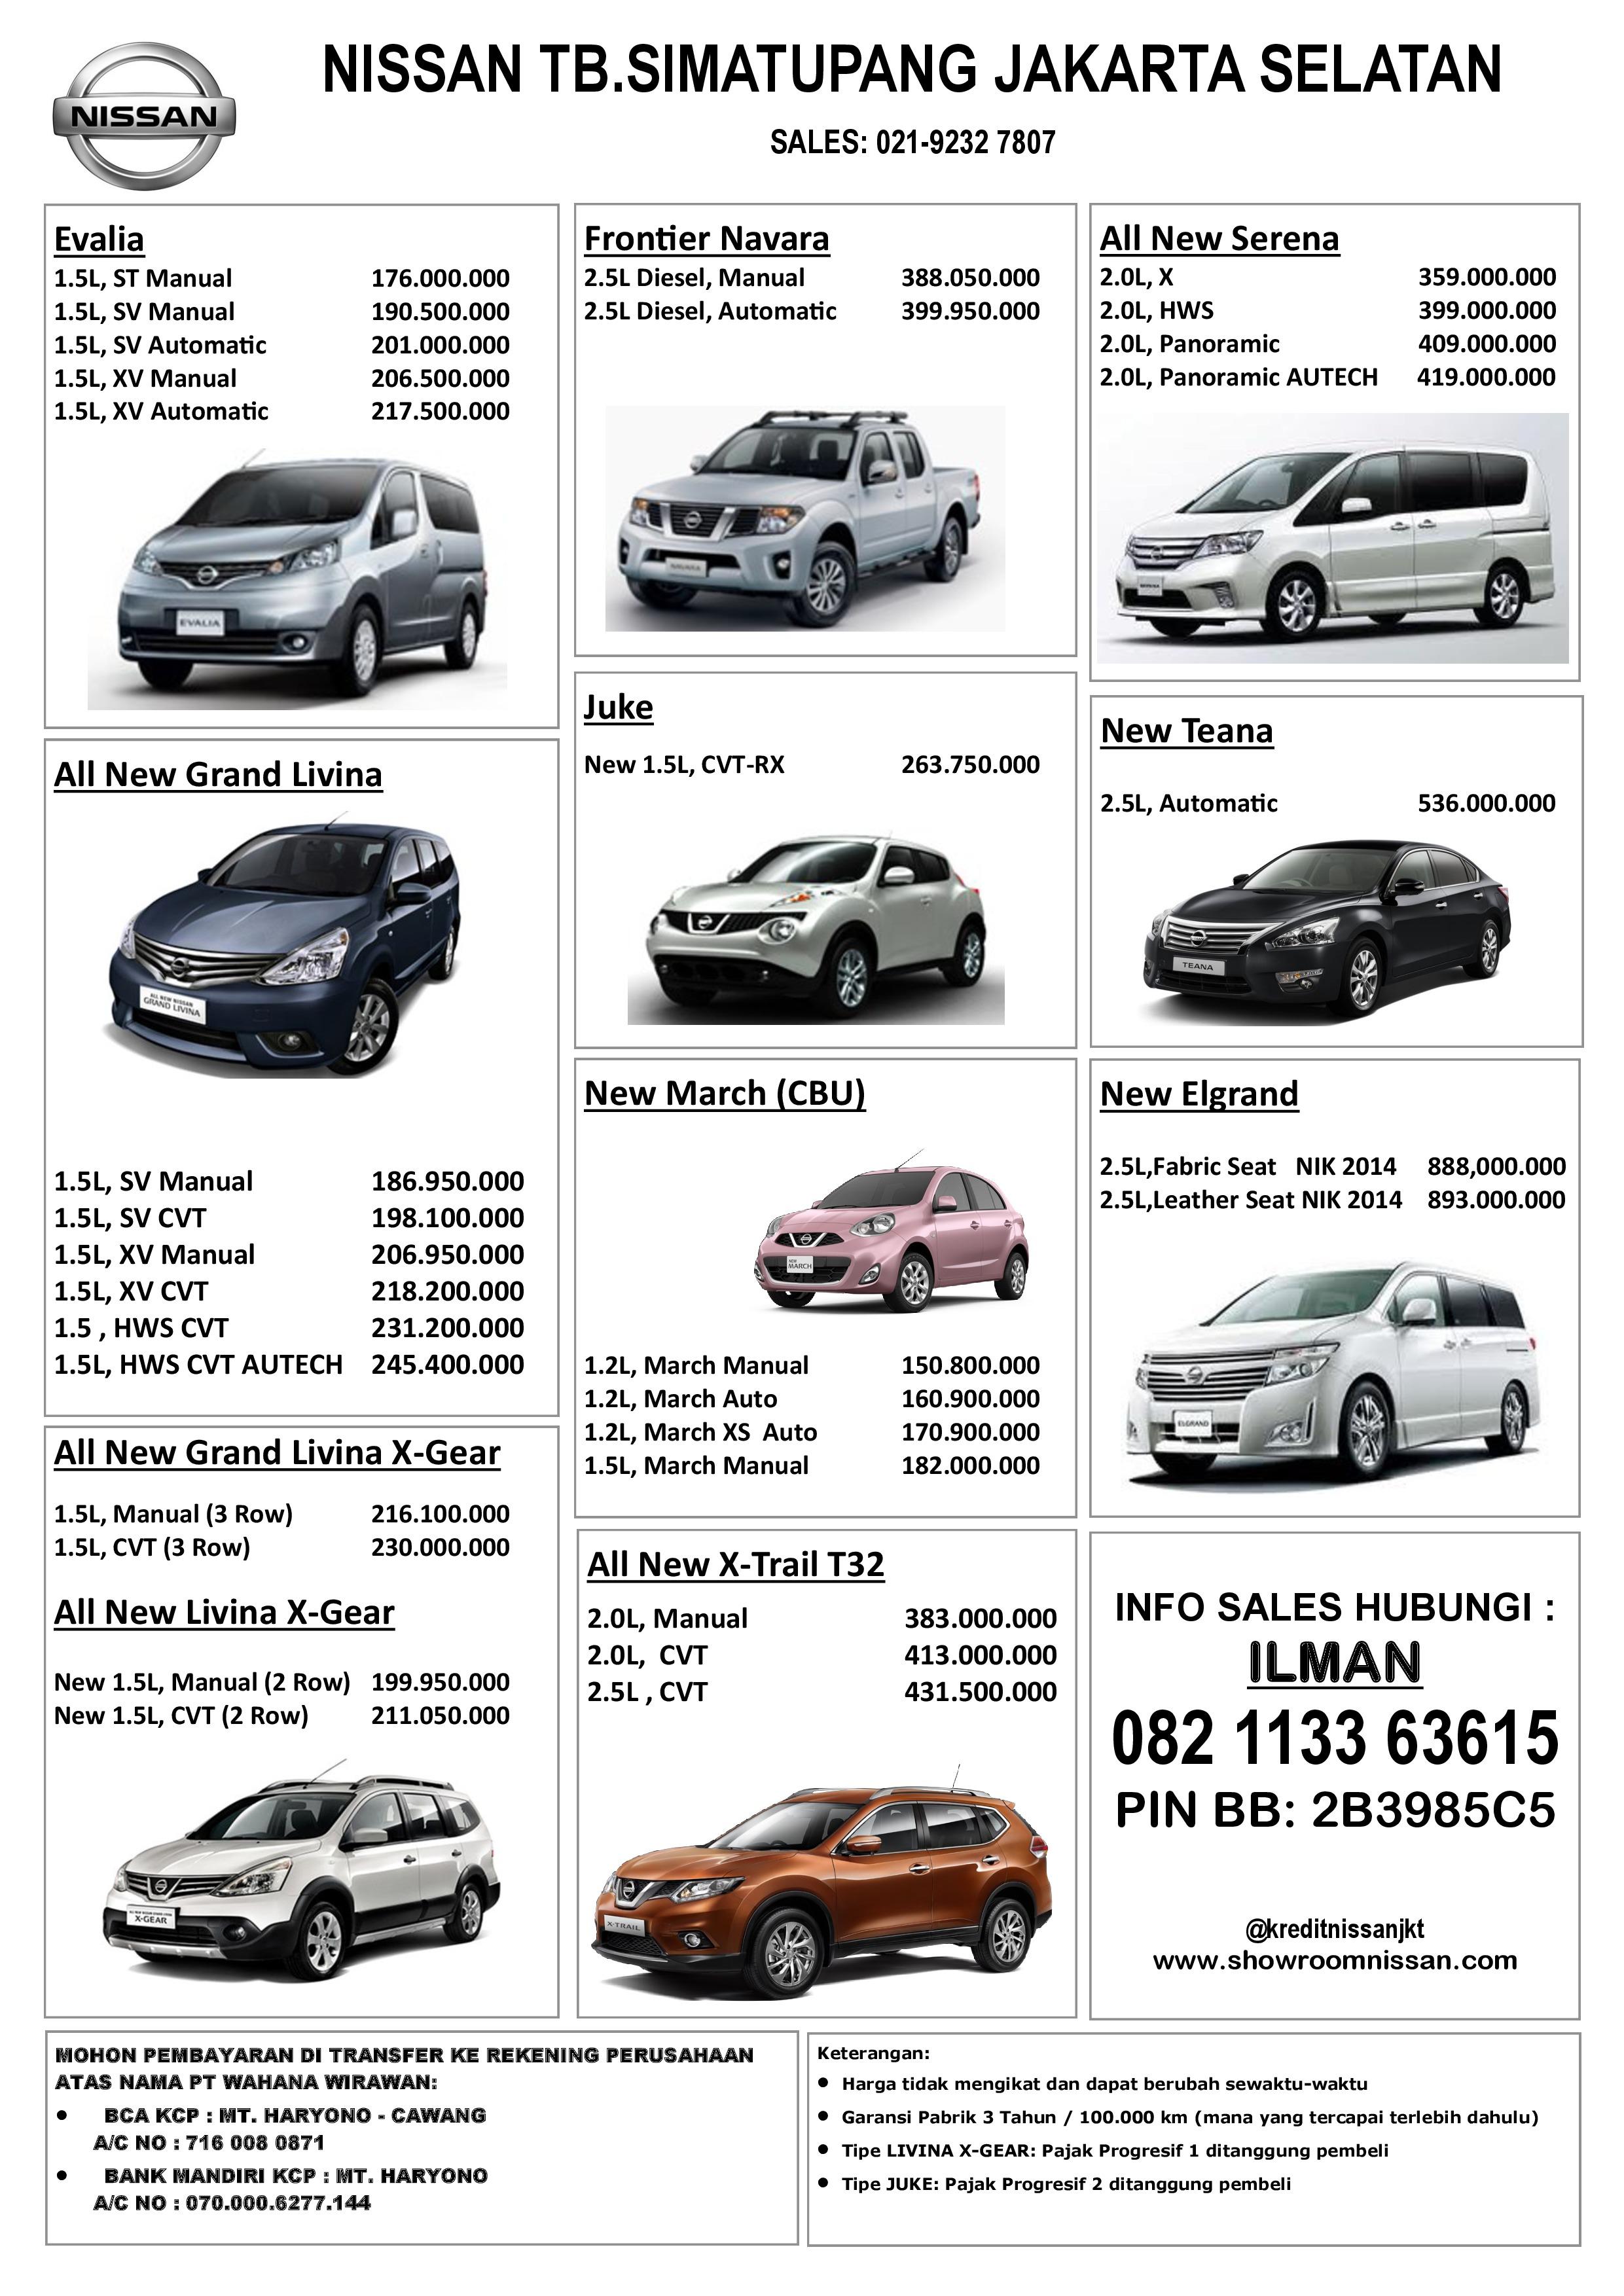 Daftar Harga Nissan 2014 Harga Promo Dan Kredit Mobil Nissan Datsun Jakarta